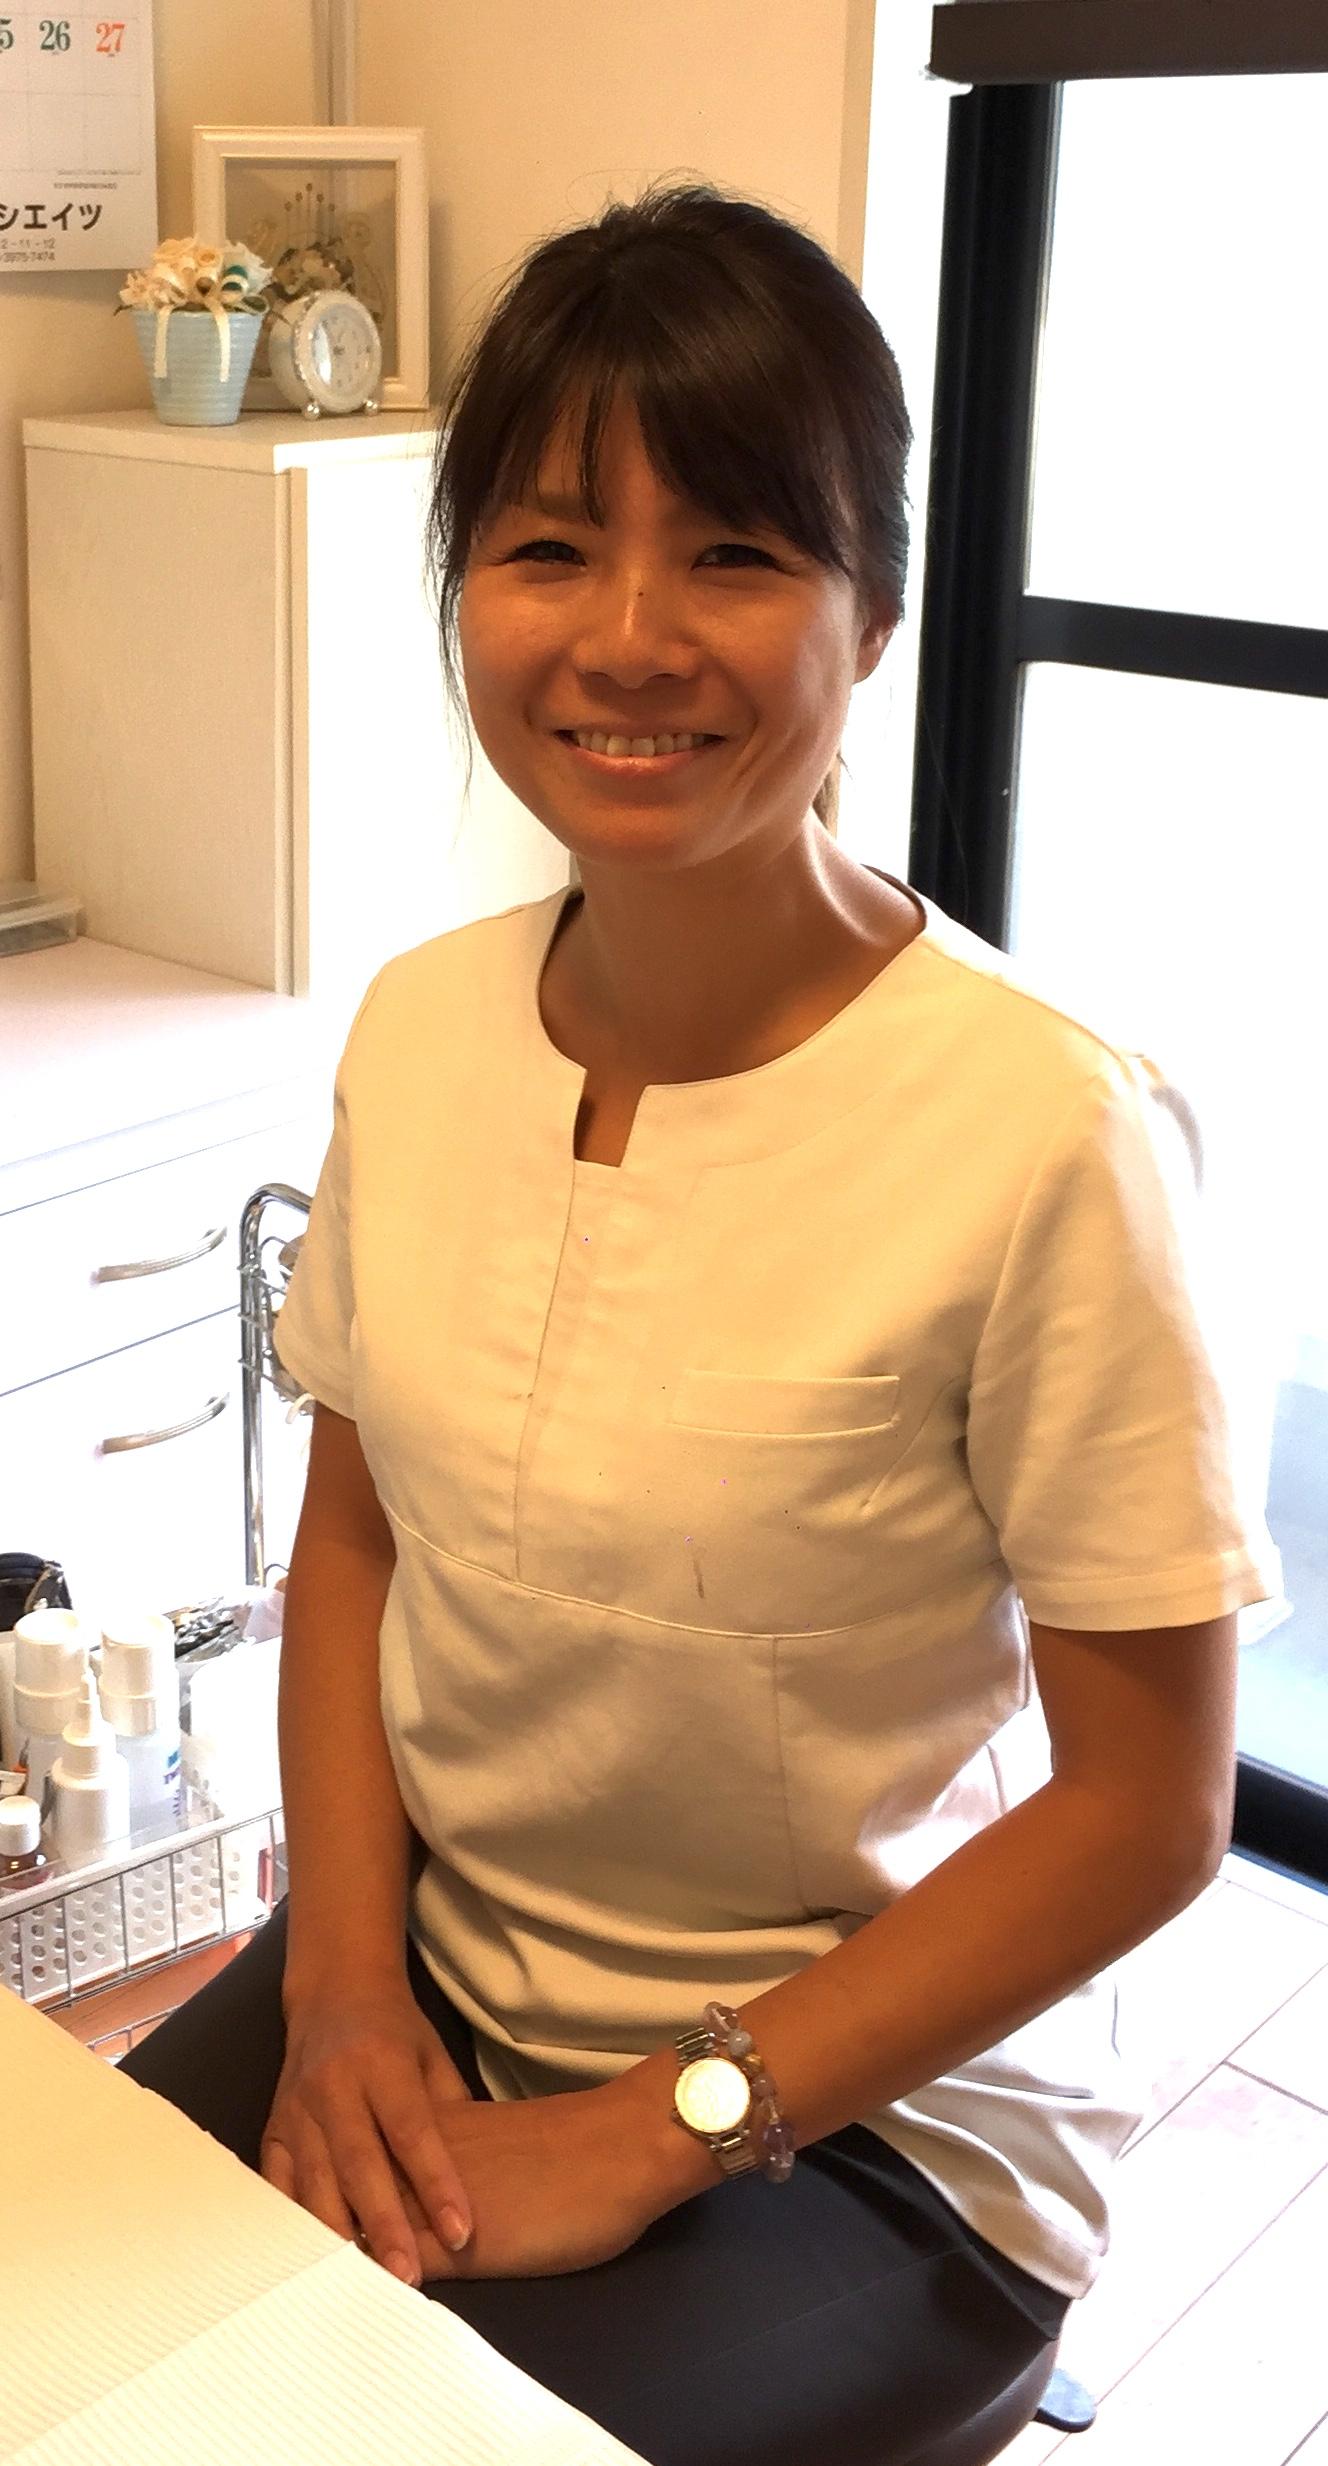 松本めぐみさん 株式会社BestQuality代表